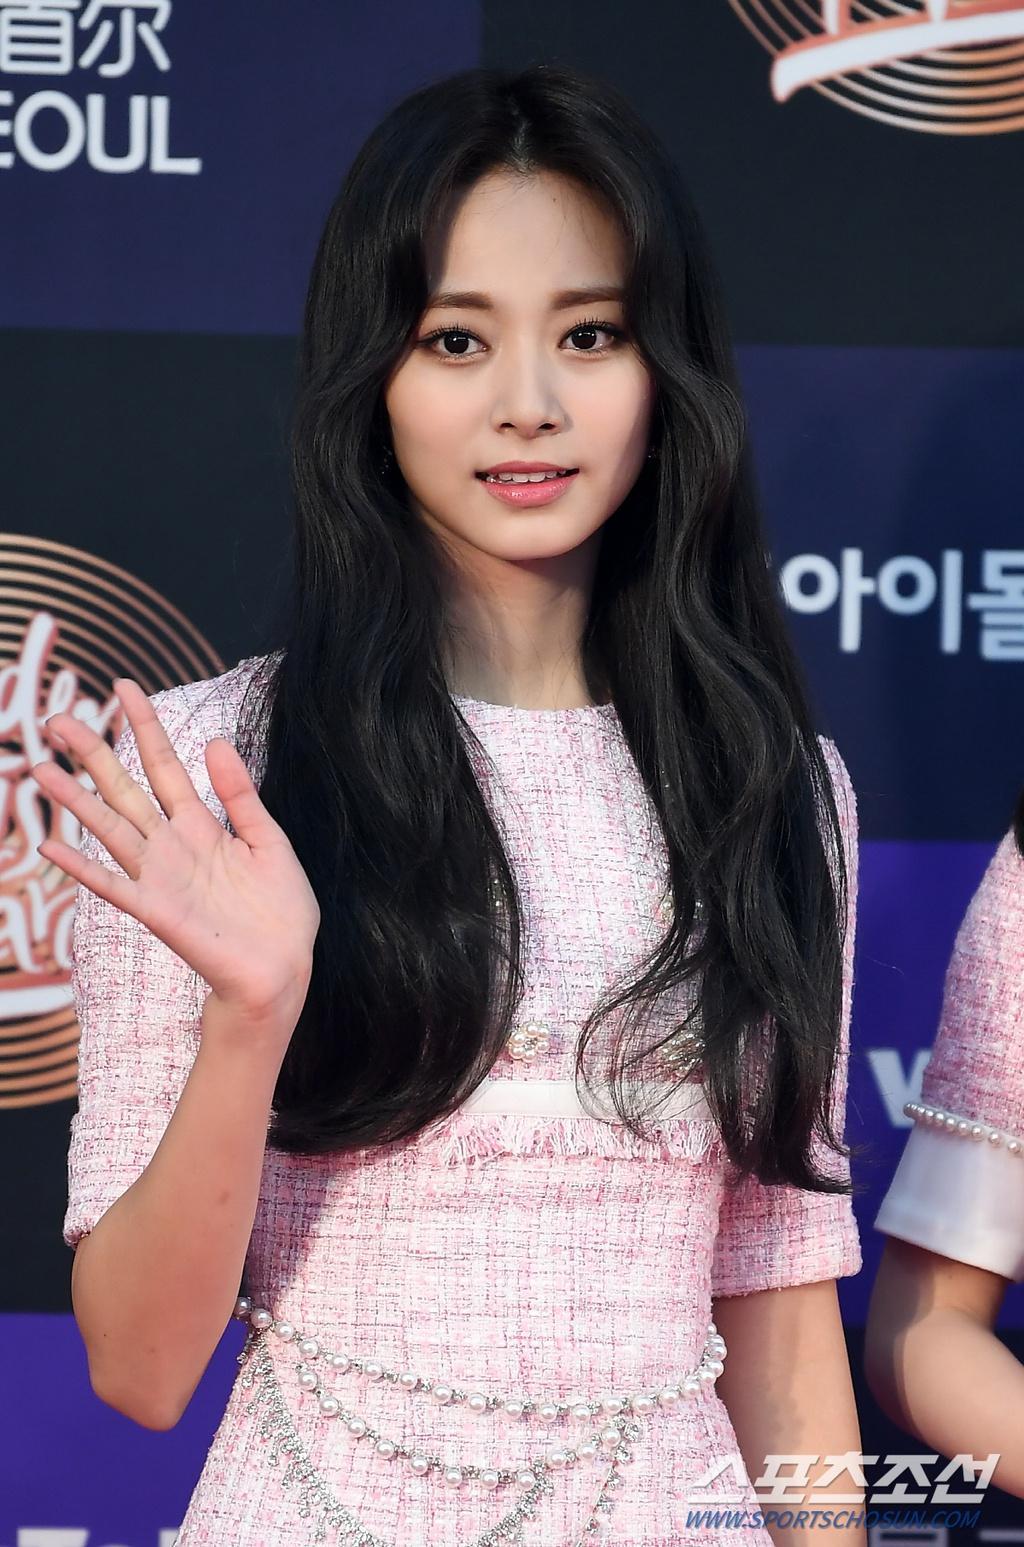 Hai gương mặt đẹp nhất thế giới hội tụ trên thảm đỏ 'Grammy Hàn Quốc' Ảnh 3